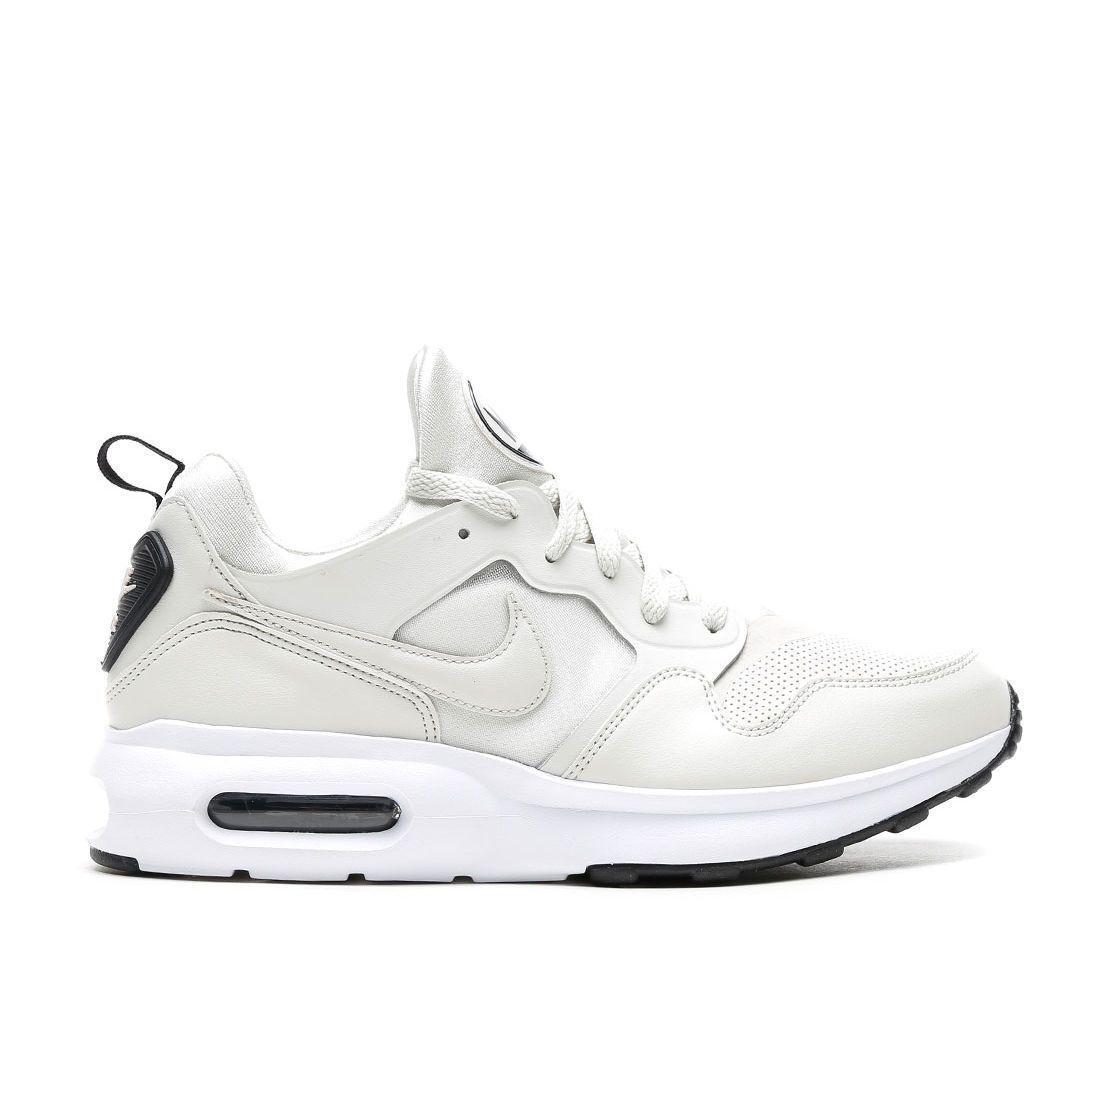 Nike Air Max Prime SL Sneaker Beige 876069-001 Hommes Uk 7 Eur 41 Street Wear S15